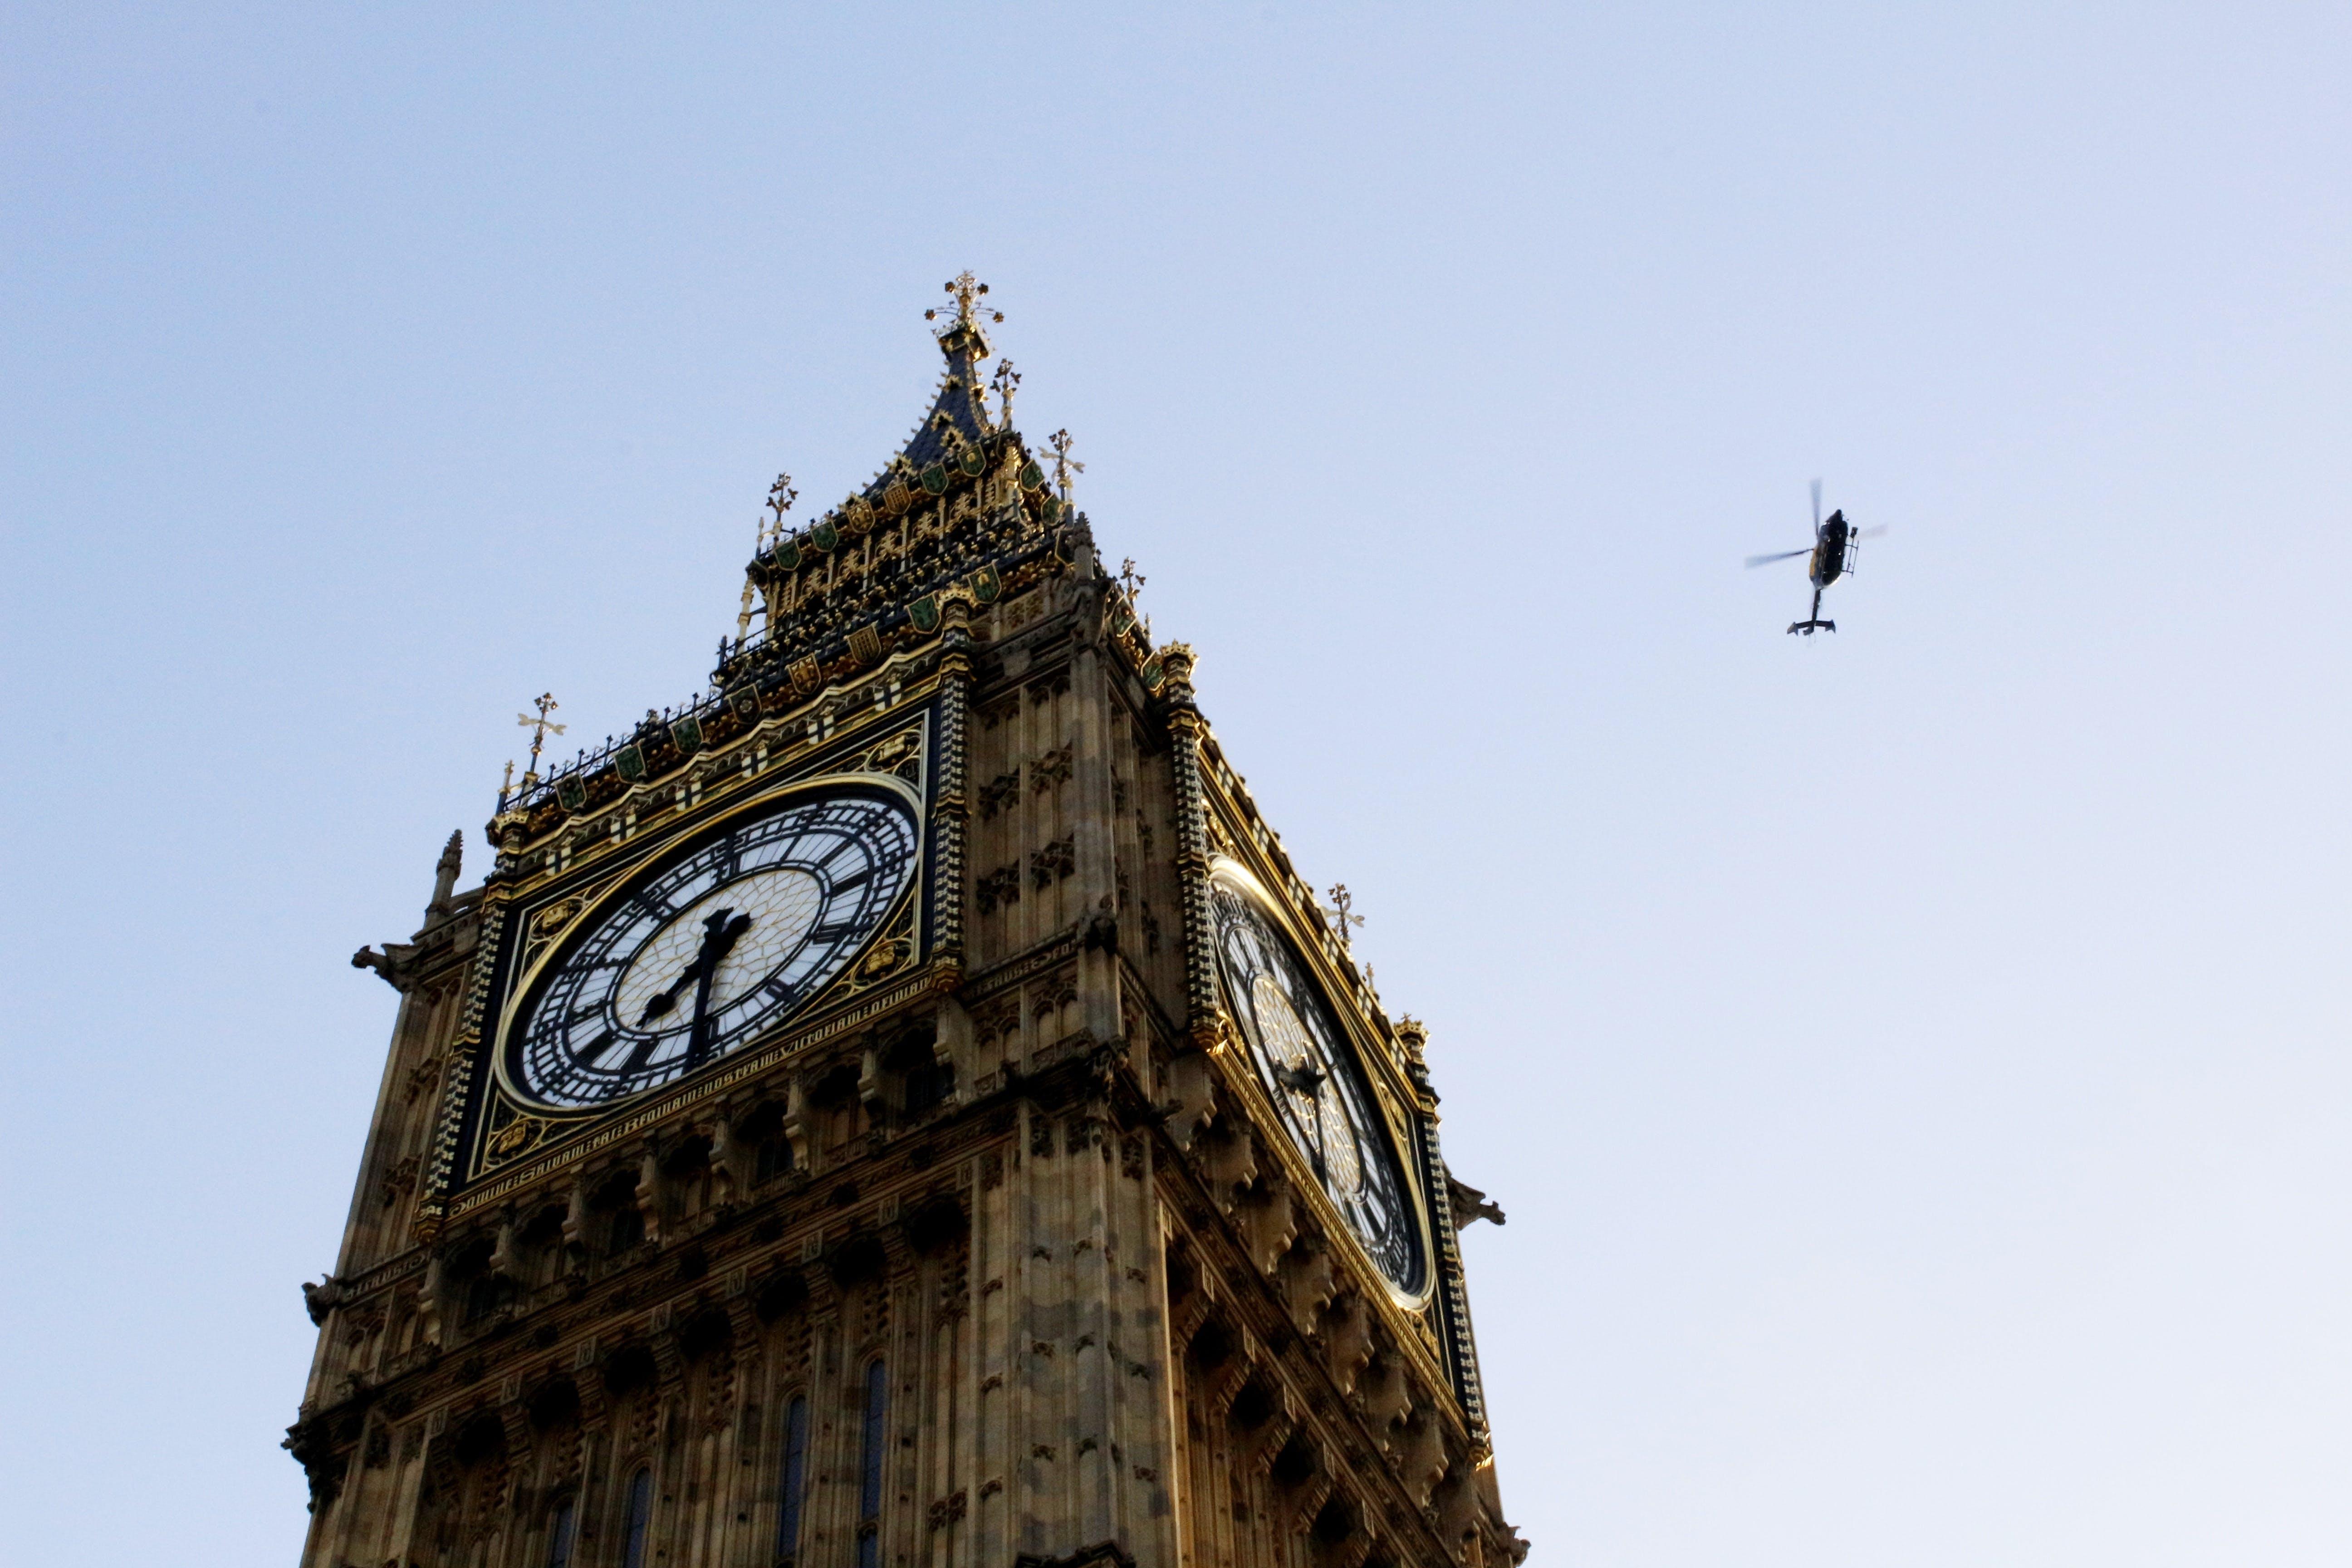 Základová fotografie zdarma na téma Anglie, architektura, Big Ben, budova